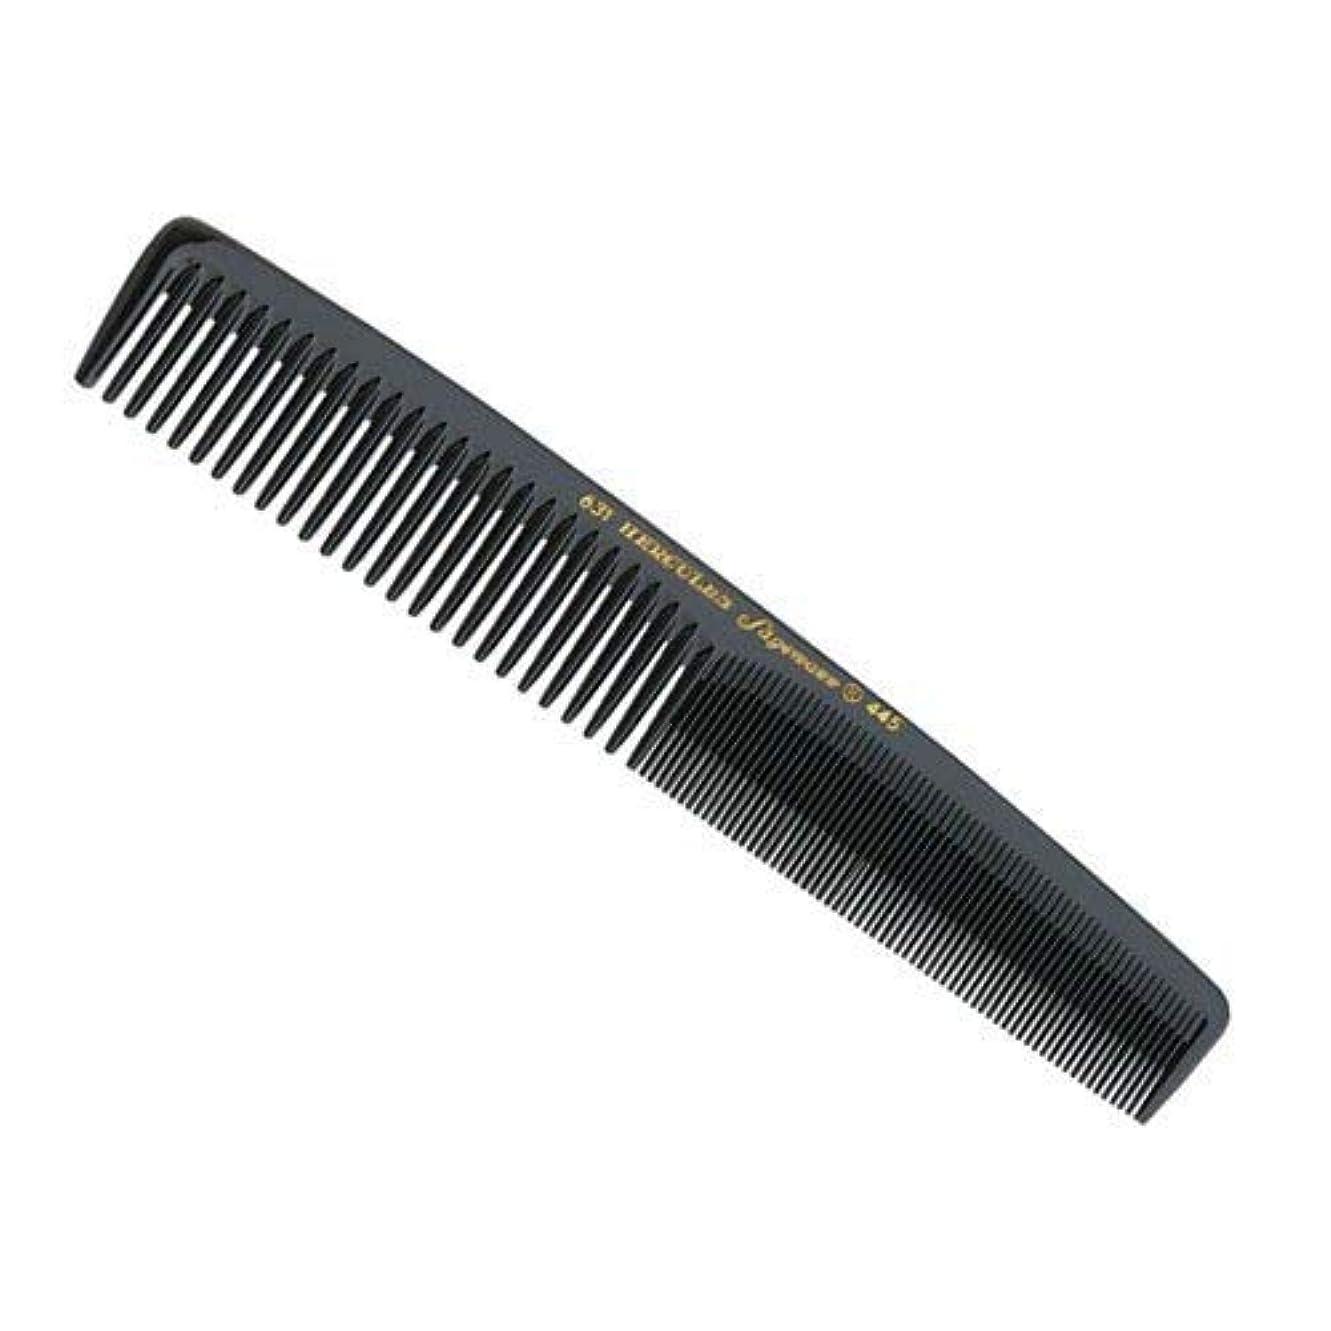 バブルコンバーチブルホールHercules Sagemann Medium Waver Ladies Hair Comb, Length-17.8 cm [並行輸入品]